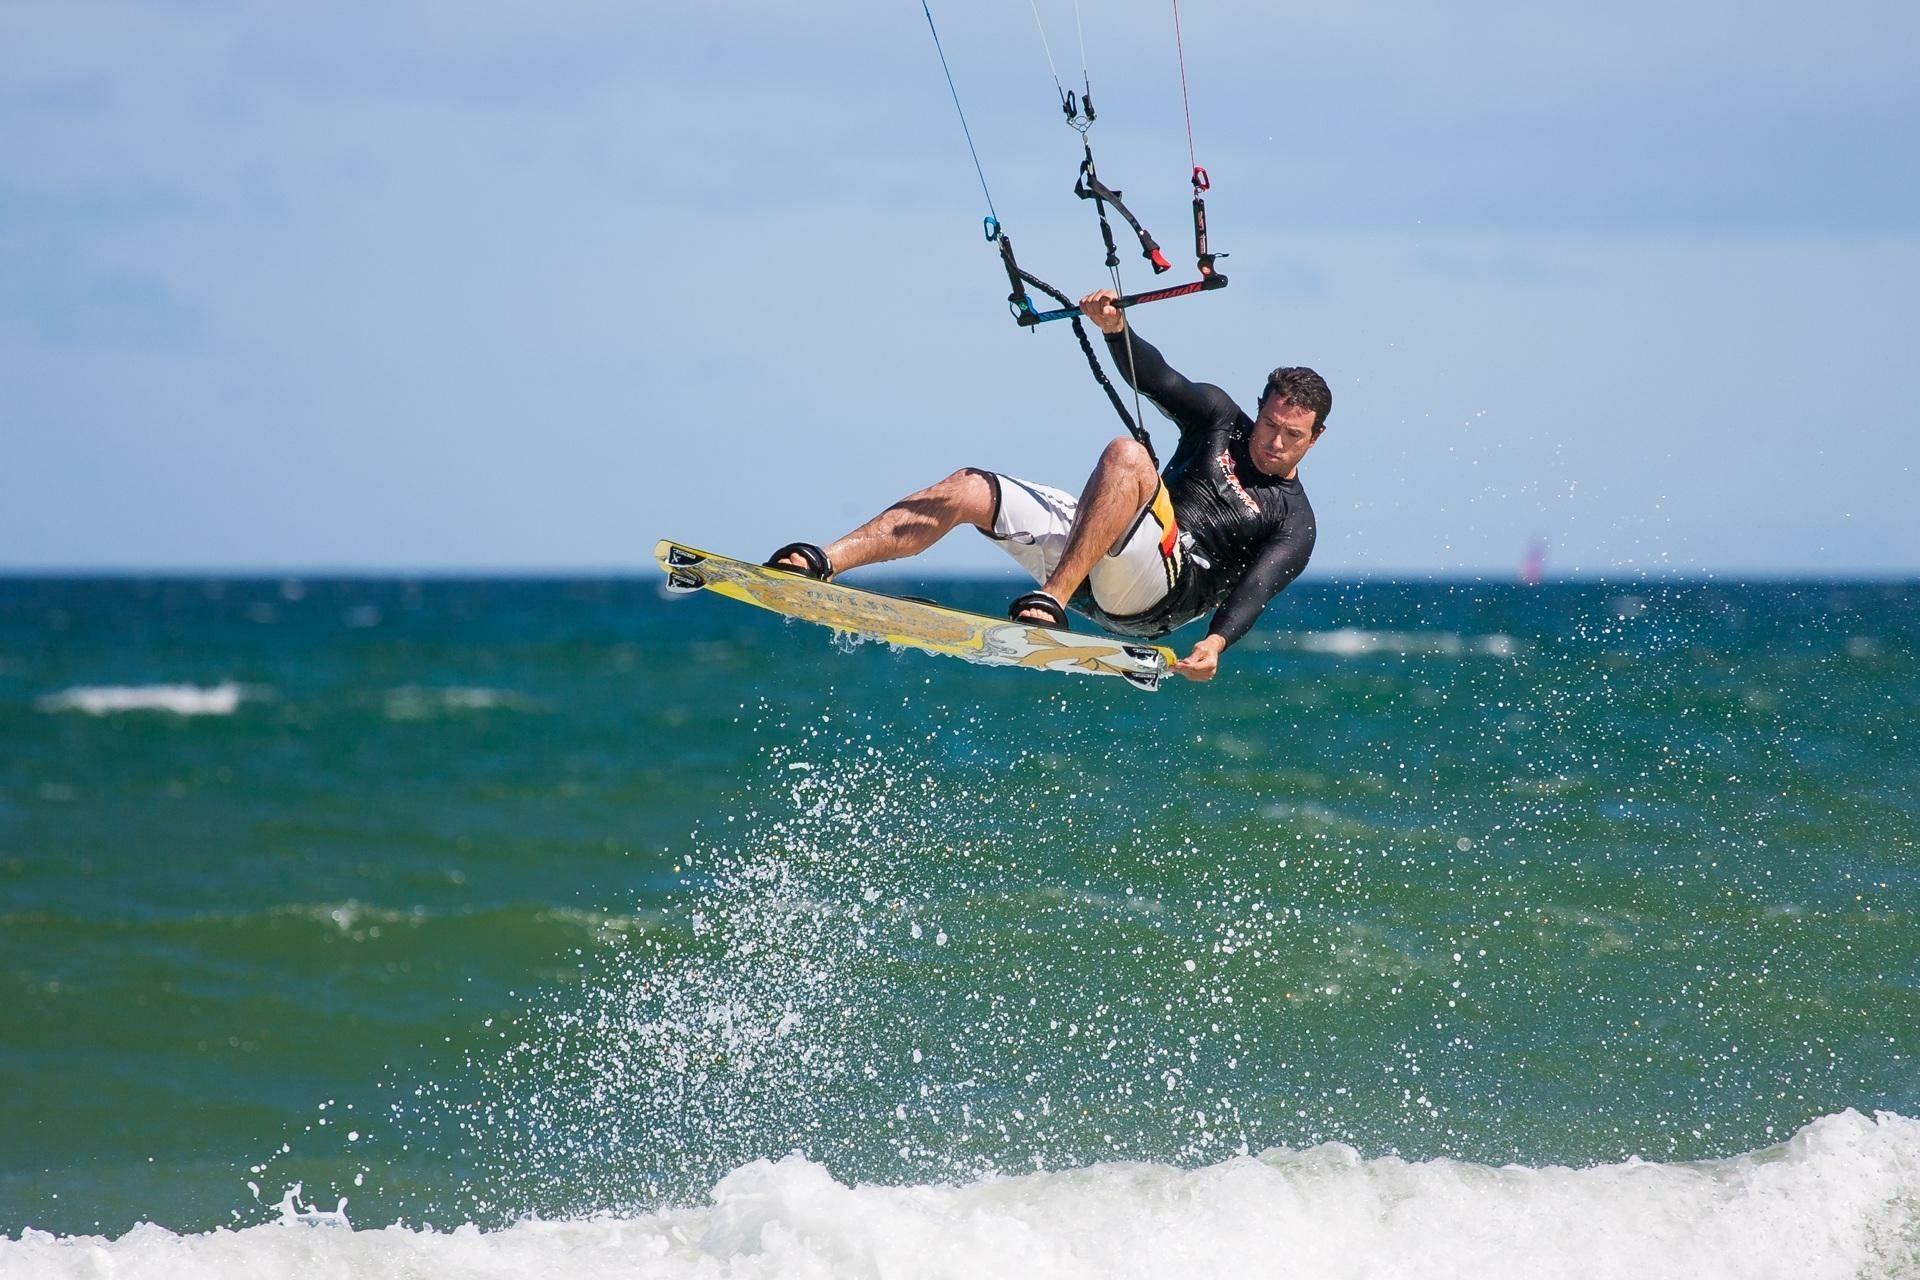 Kiter im Sprung